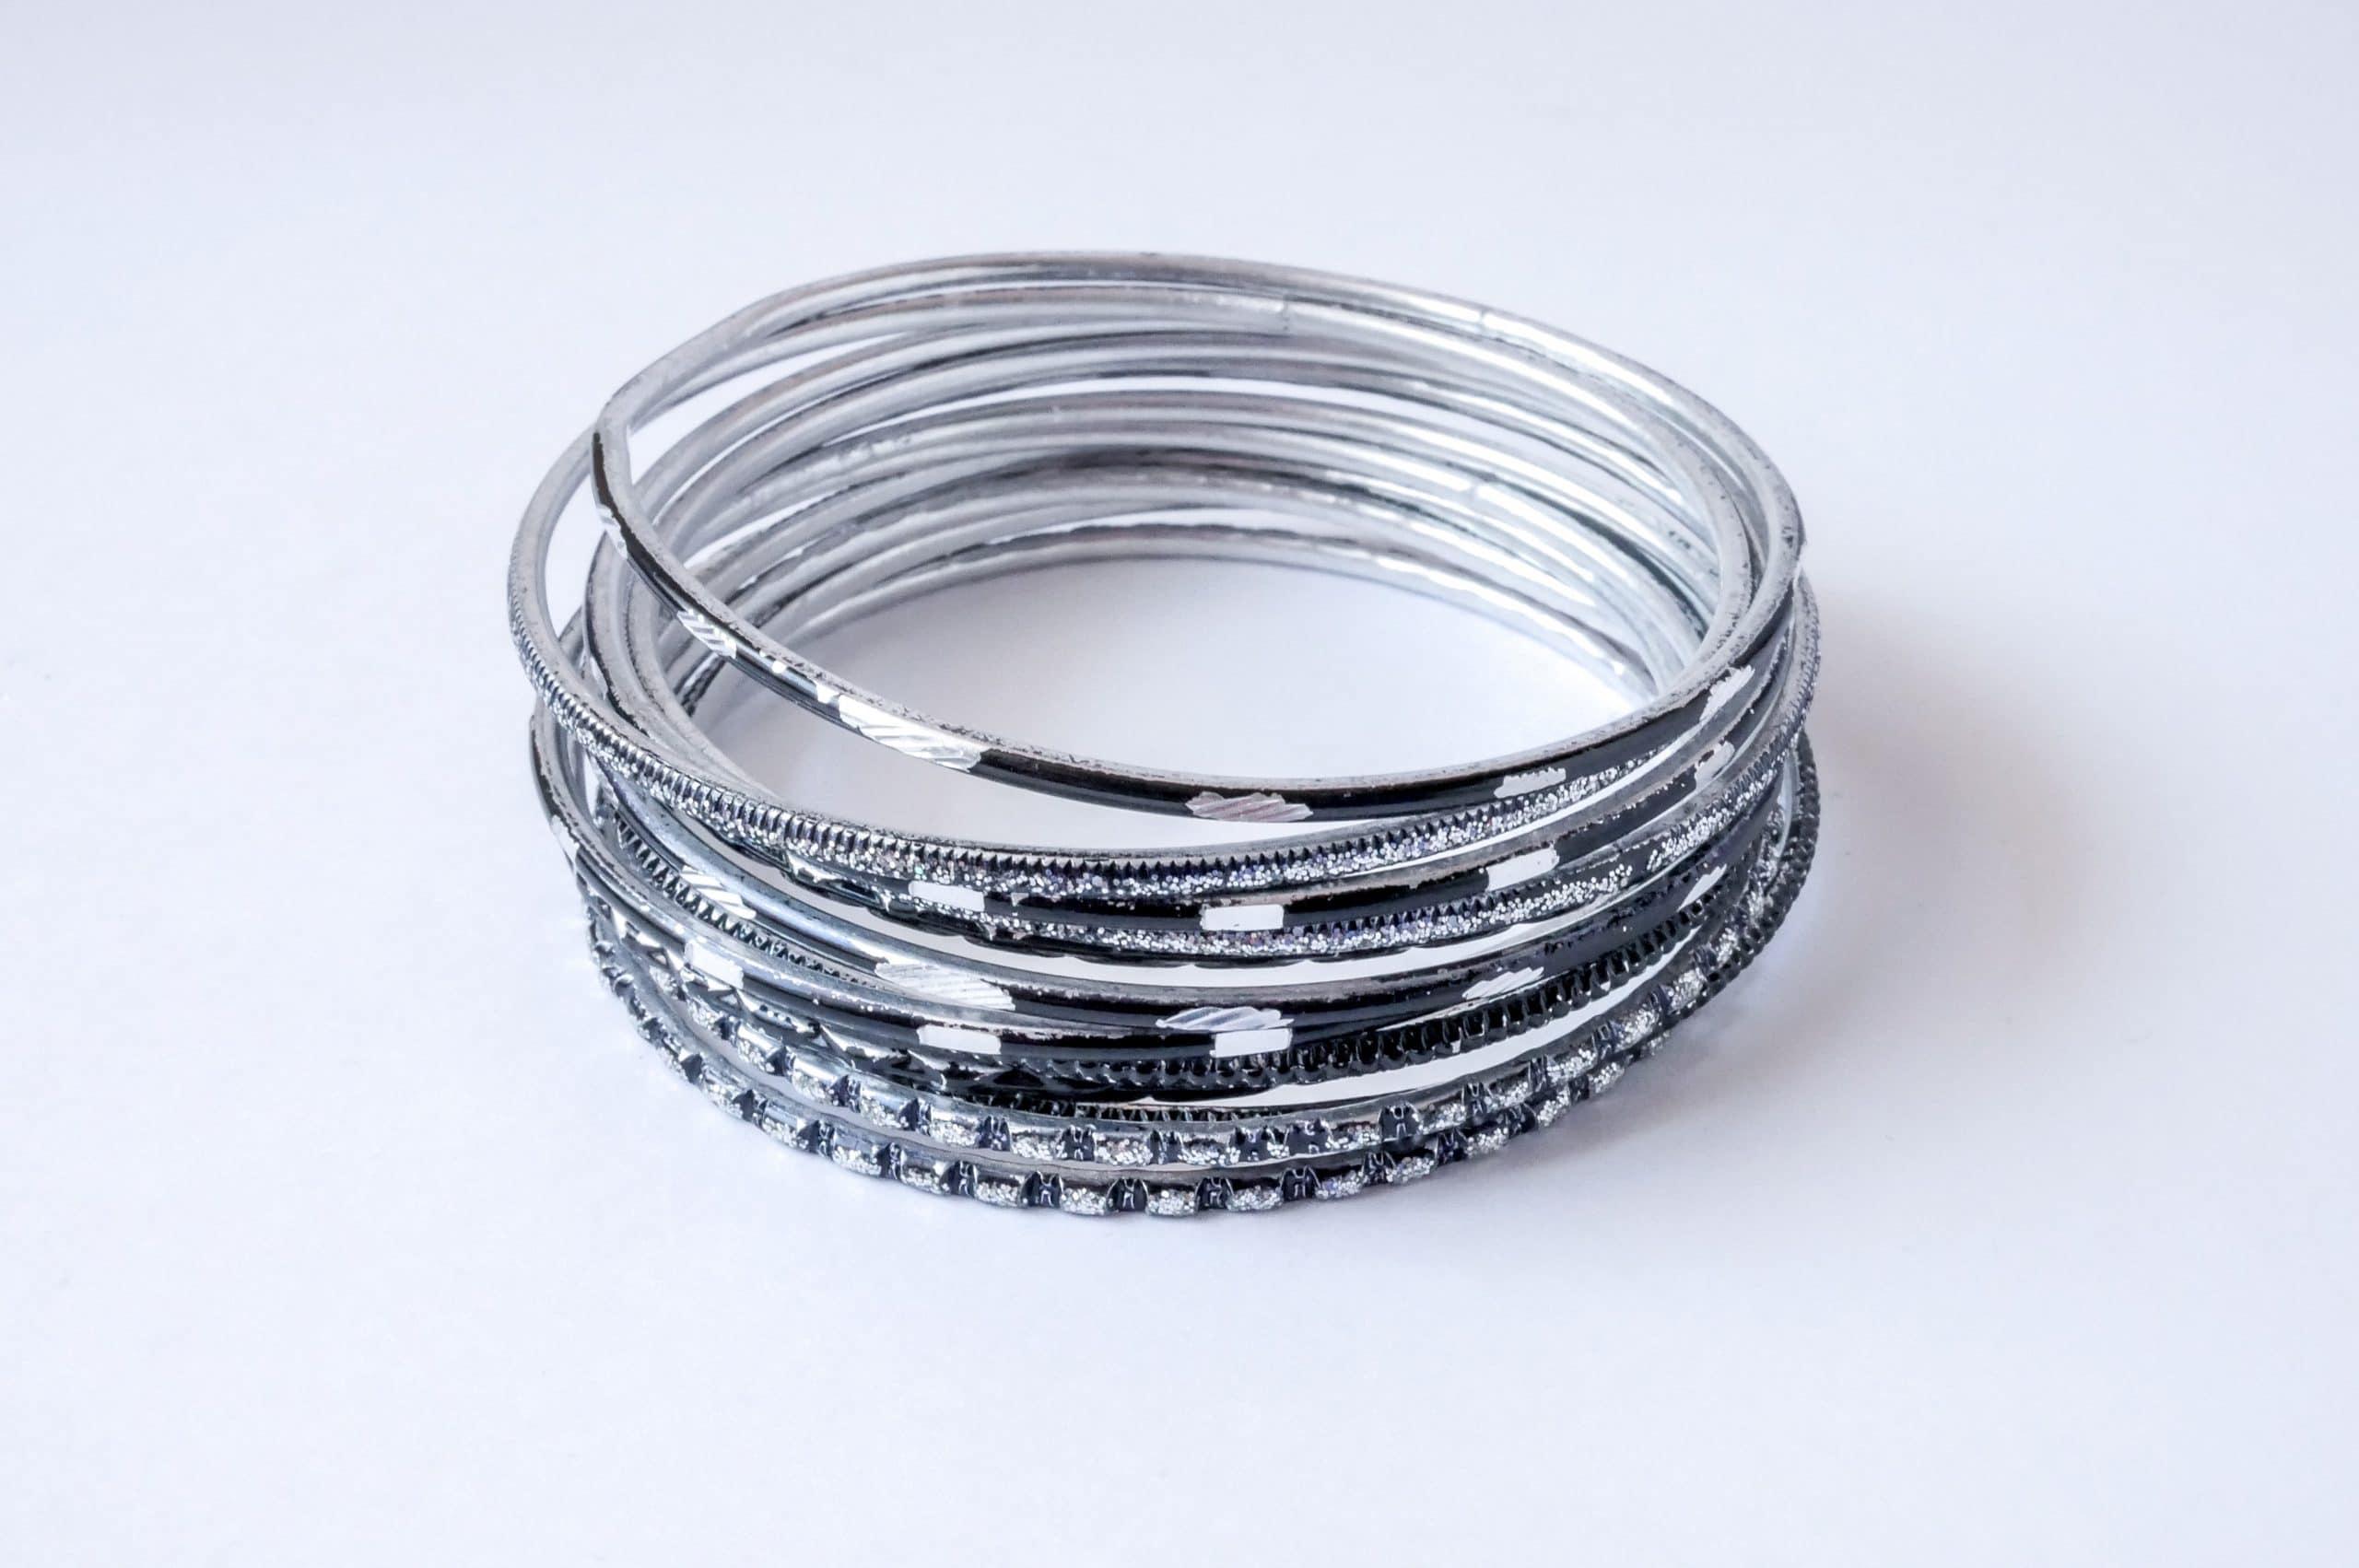 الفضة (Silver)